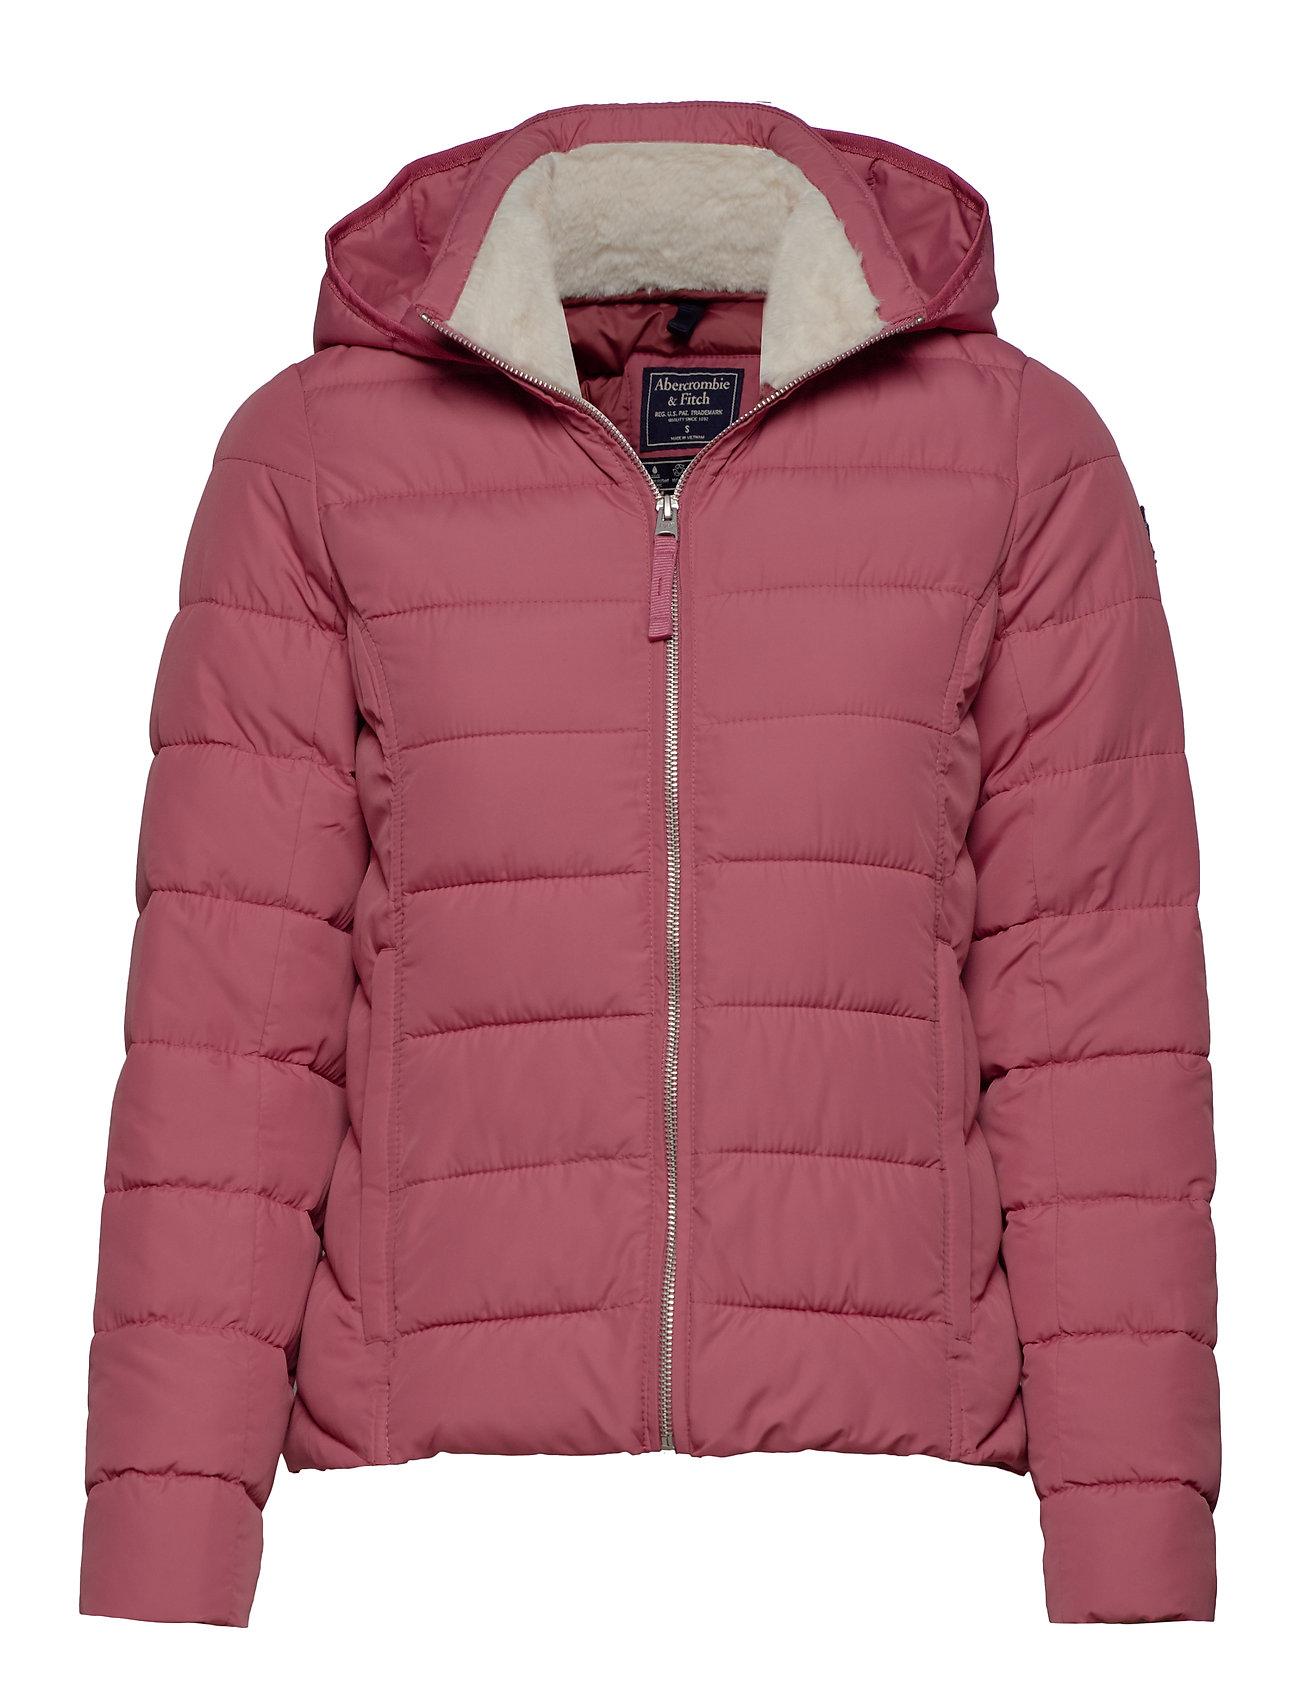 Abercrombie & Fitch Packable Puffer Coat (Purple Dd) 881.40 kr | Stort utbud av designermärken G5u5Rugv